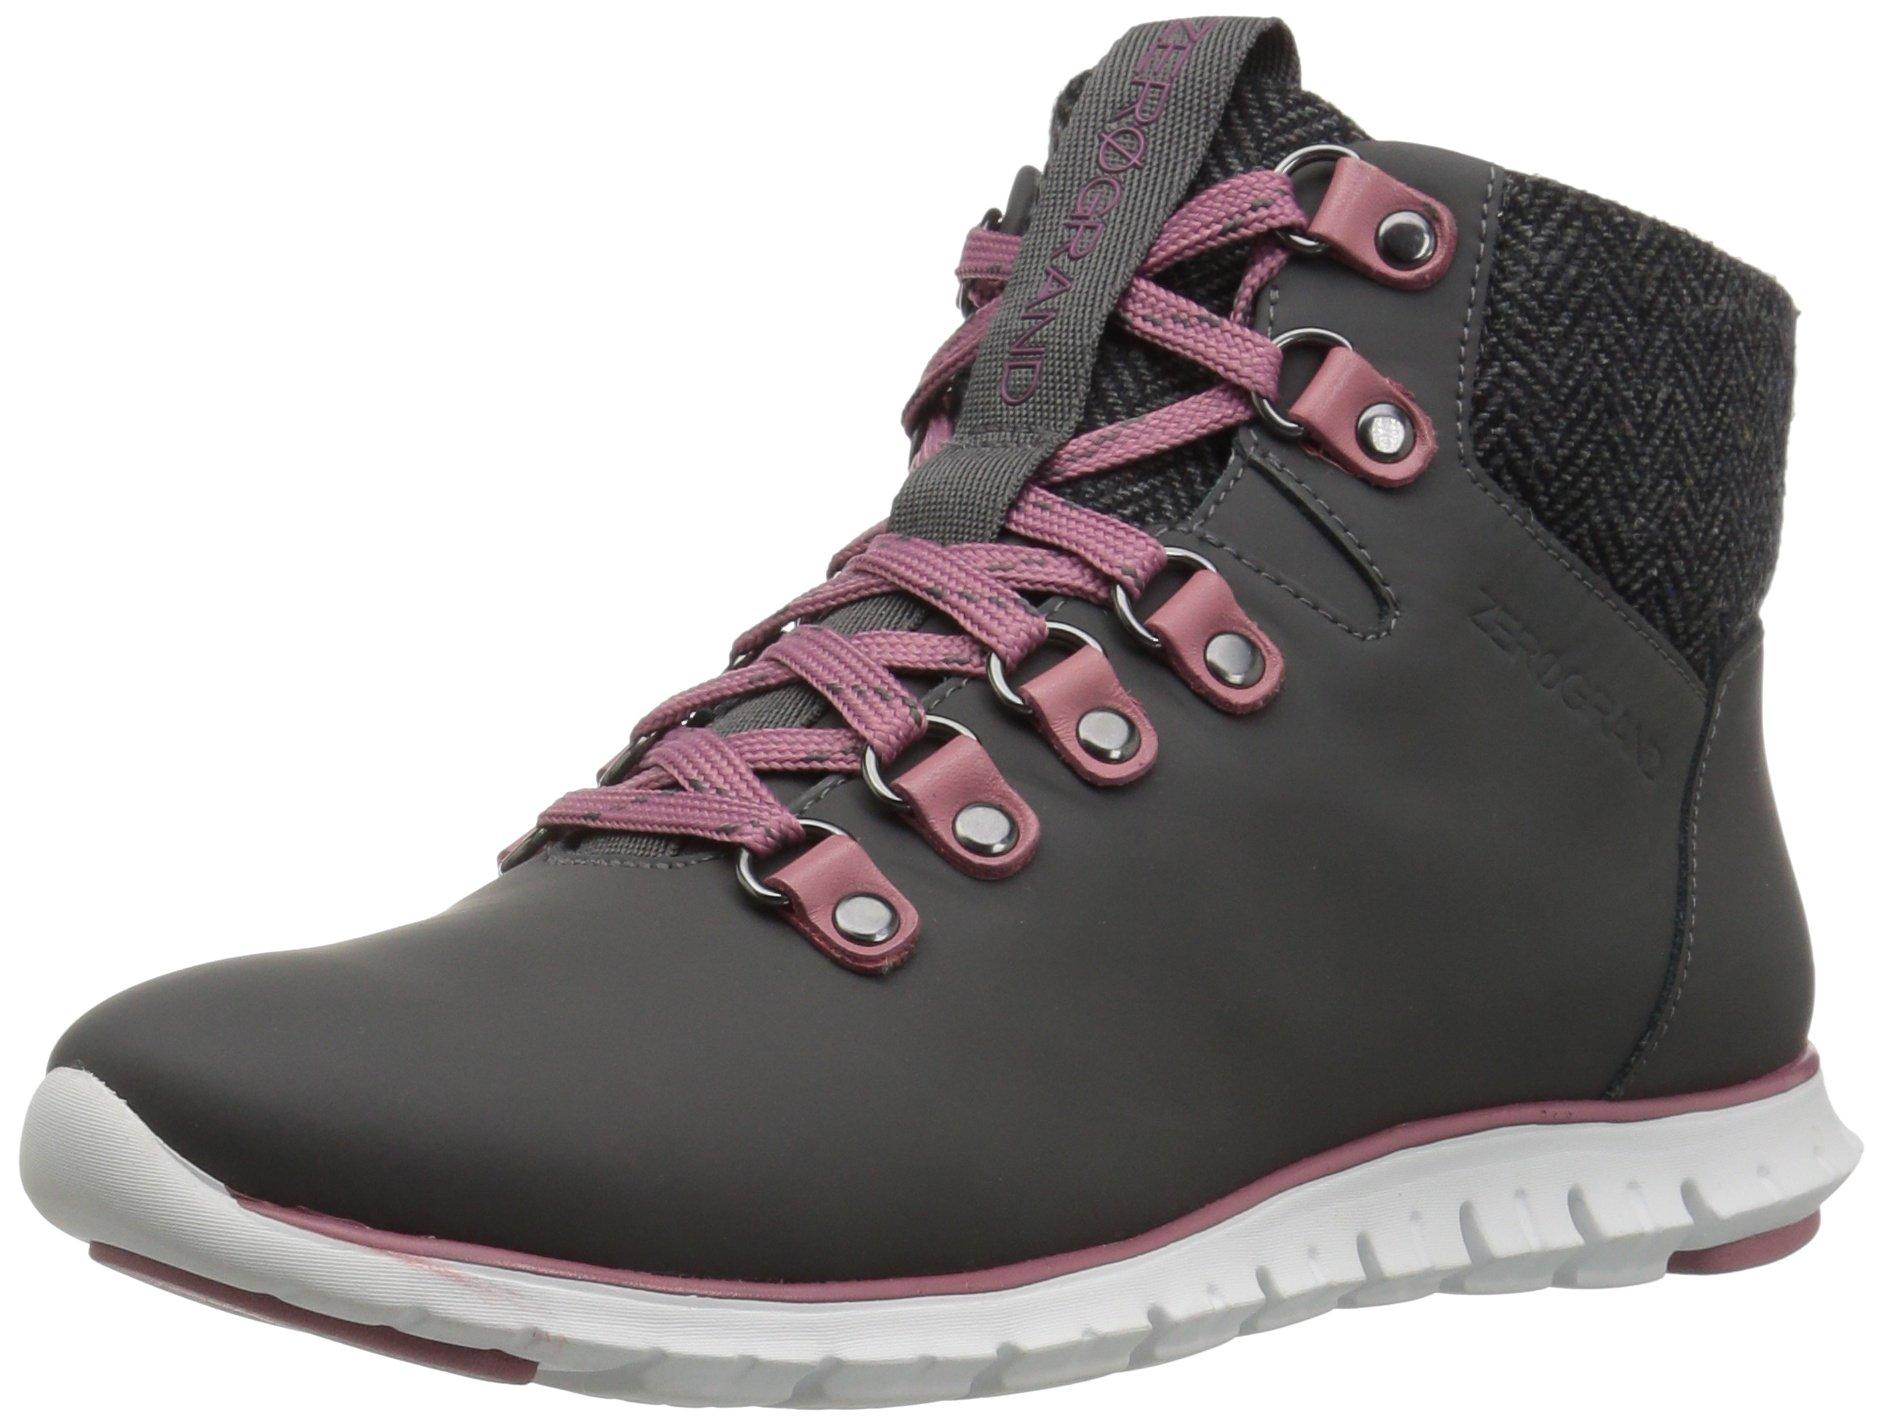 Cole Haan Women's Zerogrand Hikr Boot, Castlerock, 8.5 B US